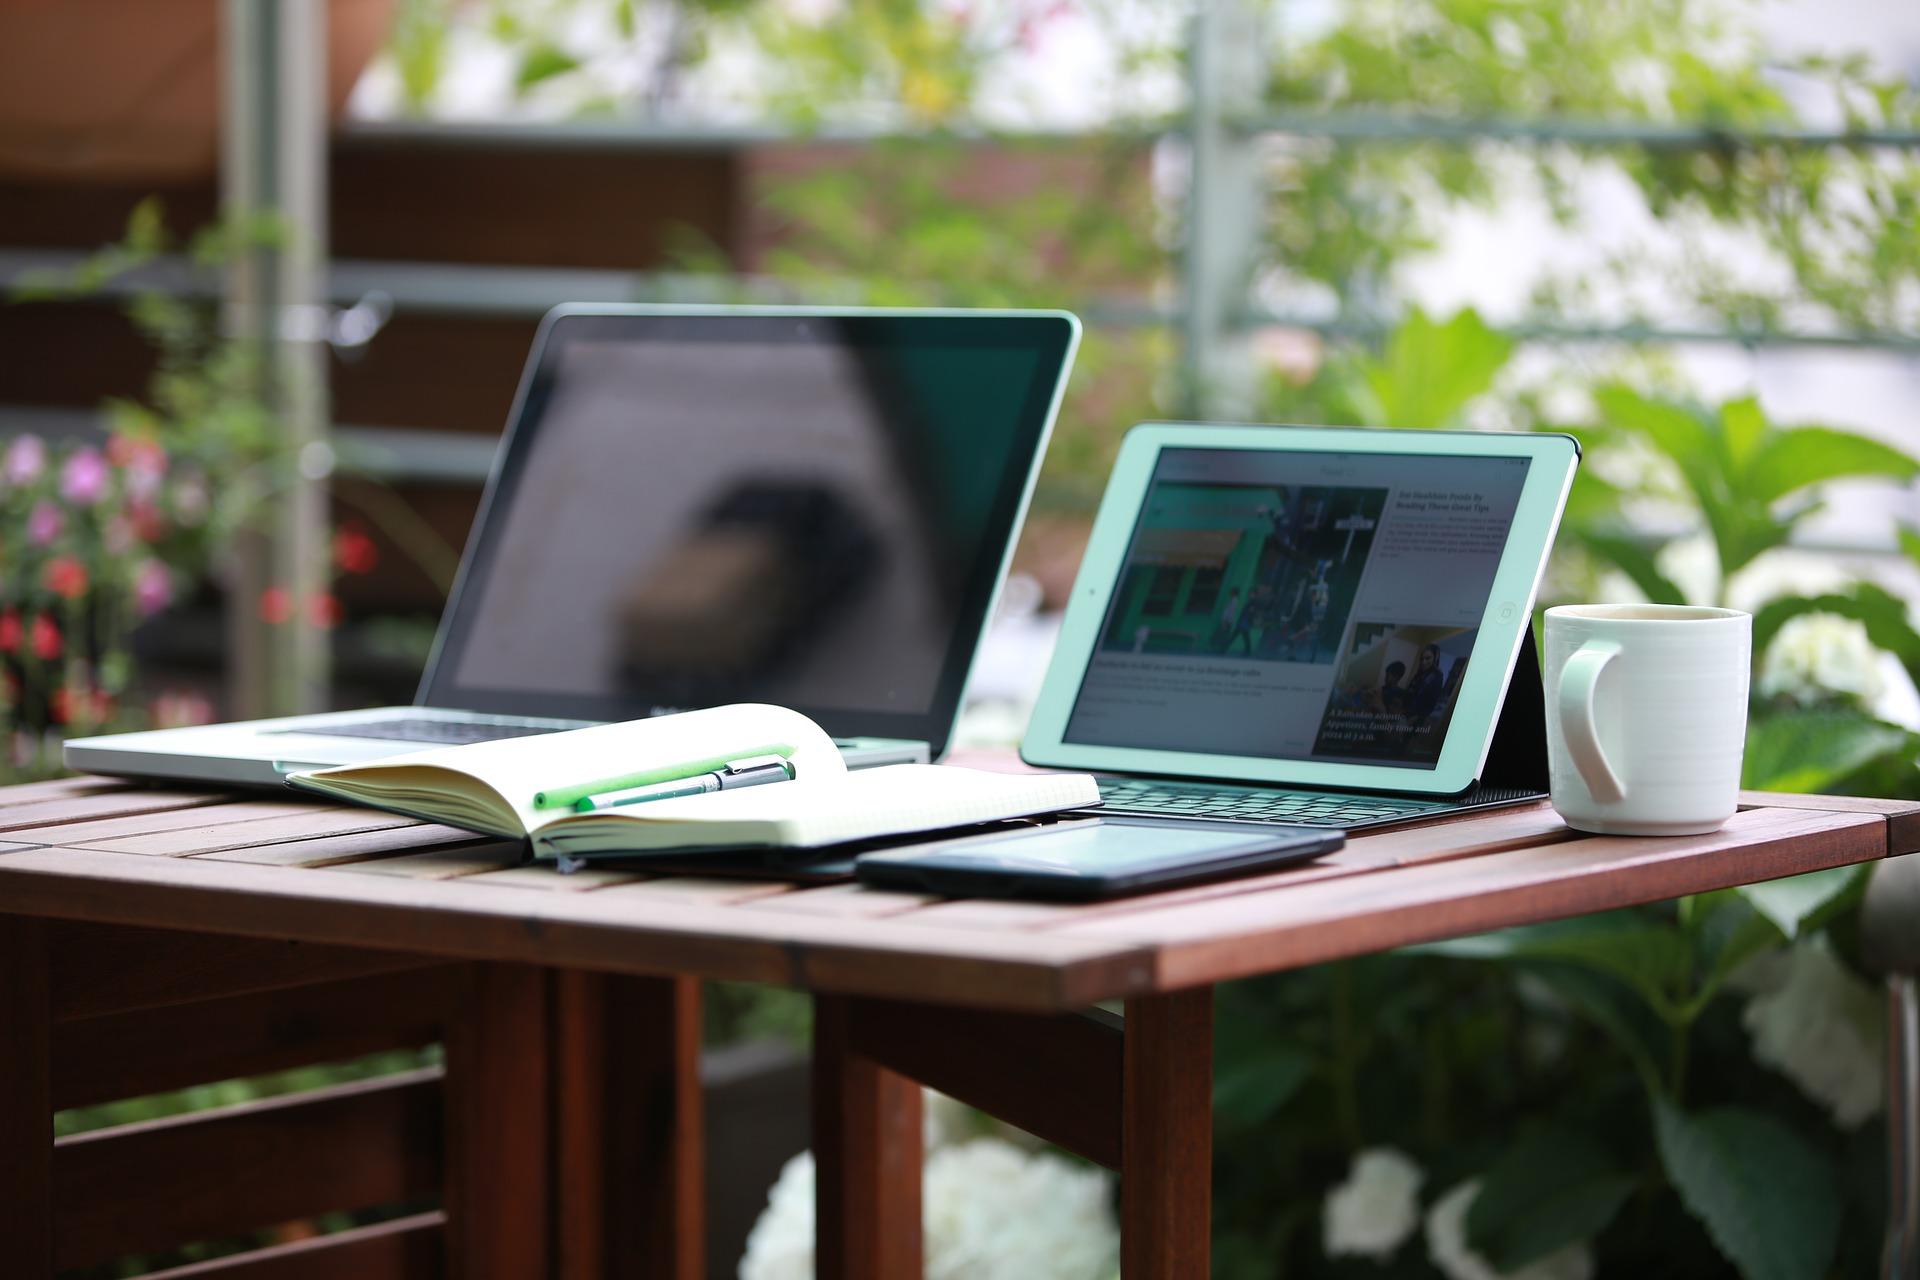 デスクにあるパソコンの画像